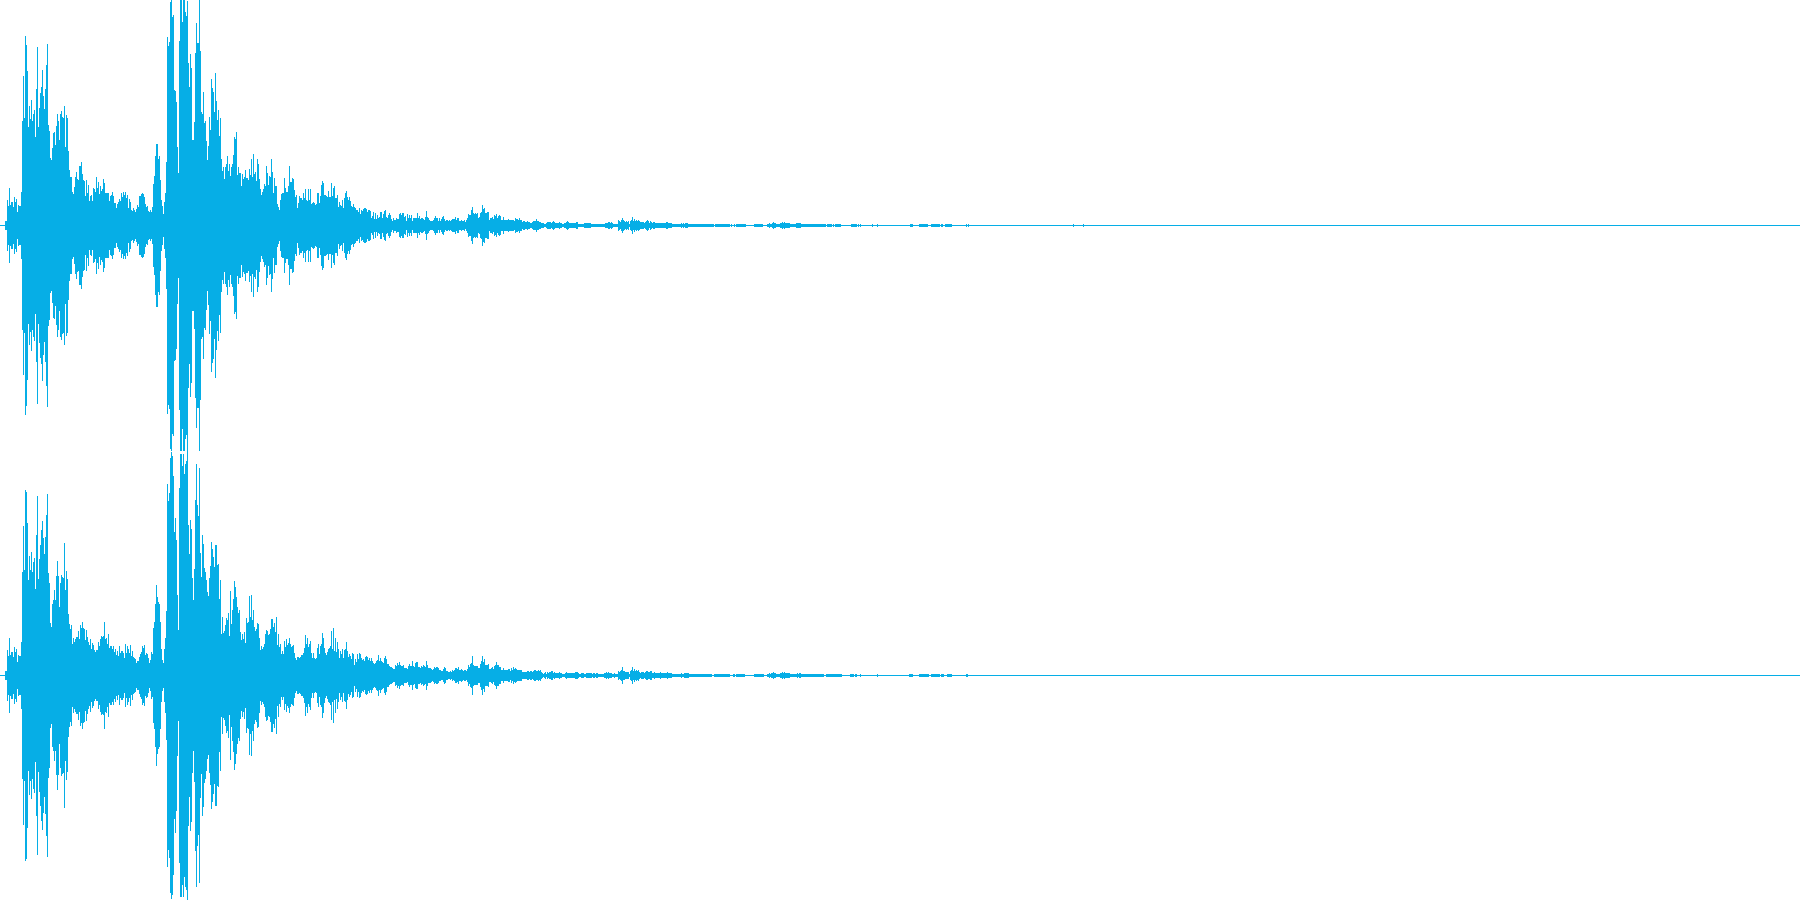 恐怖音03(鈴)の再生済みの波形